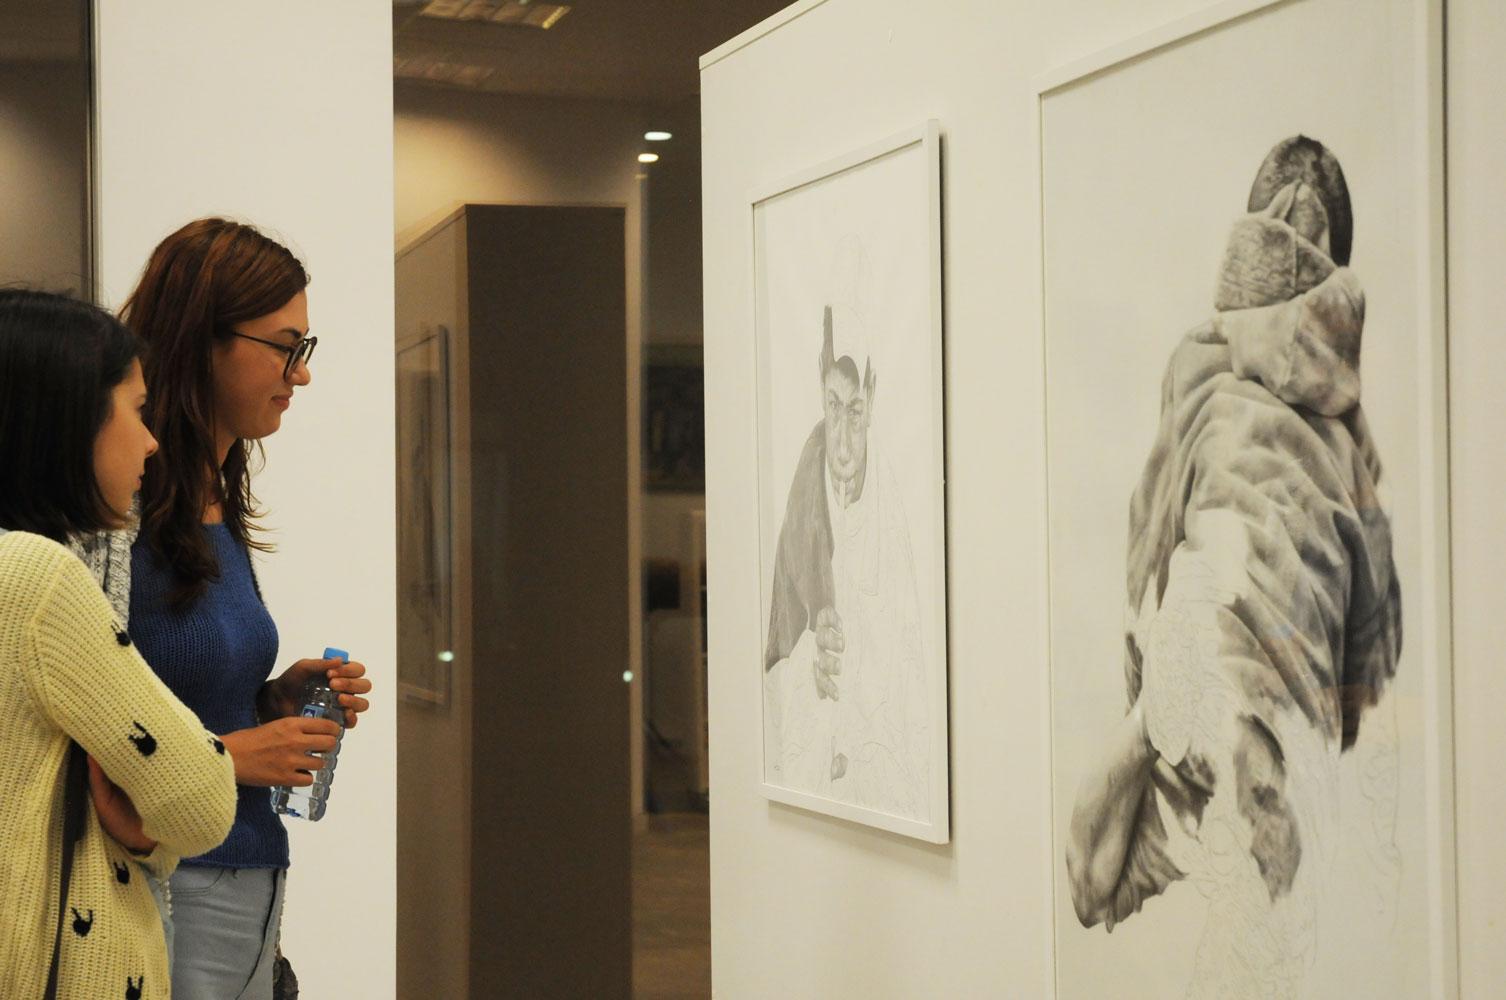 Daniel Brici, solo show Copiii care nu se vad @ Nasui collection & gallery Bucuresti (21)